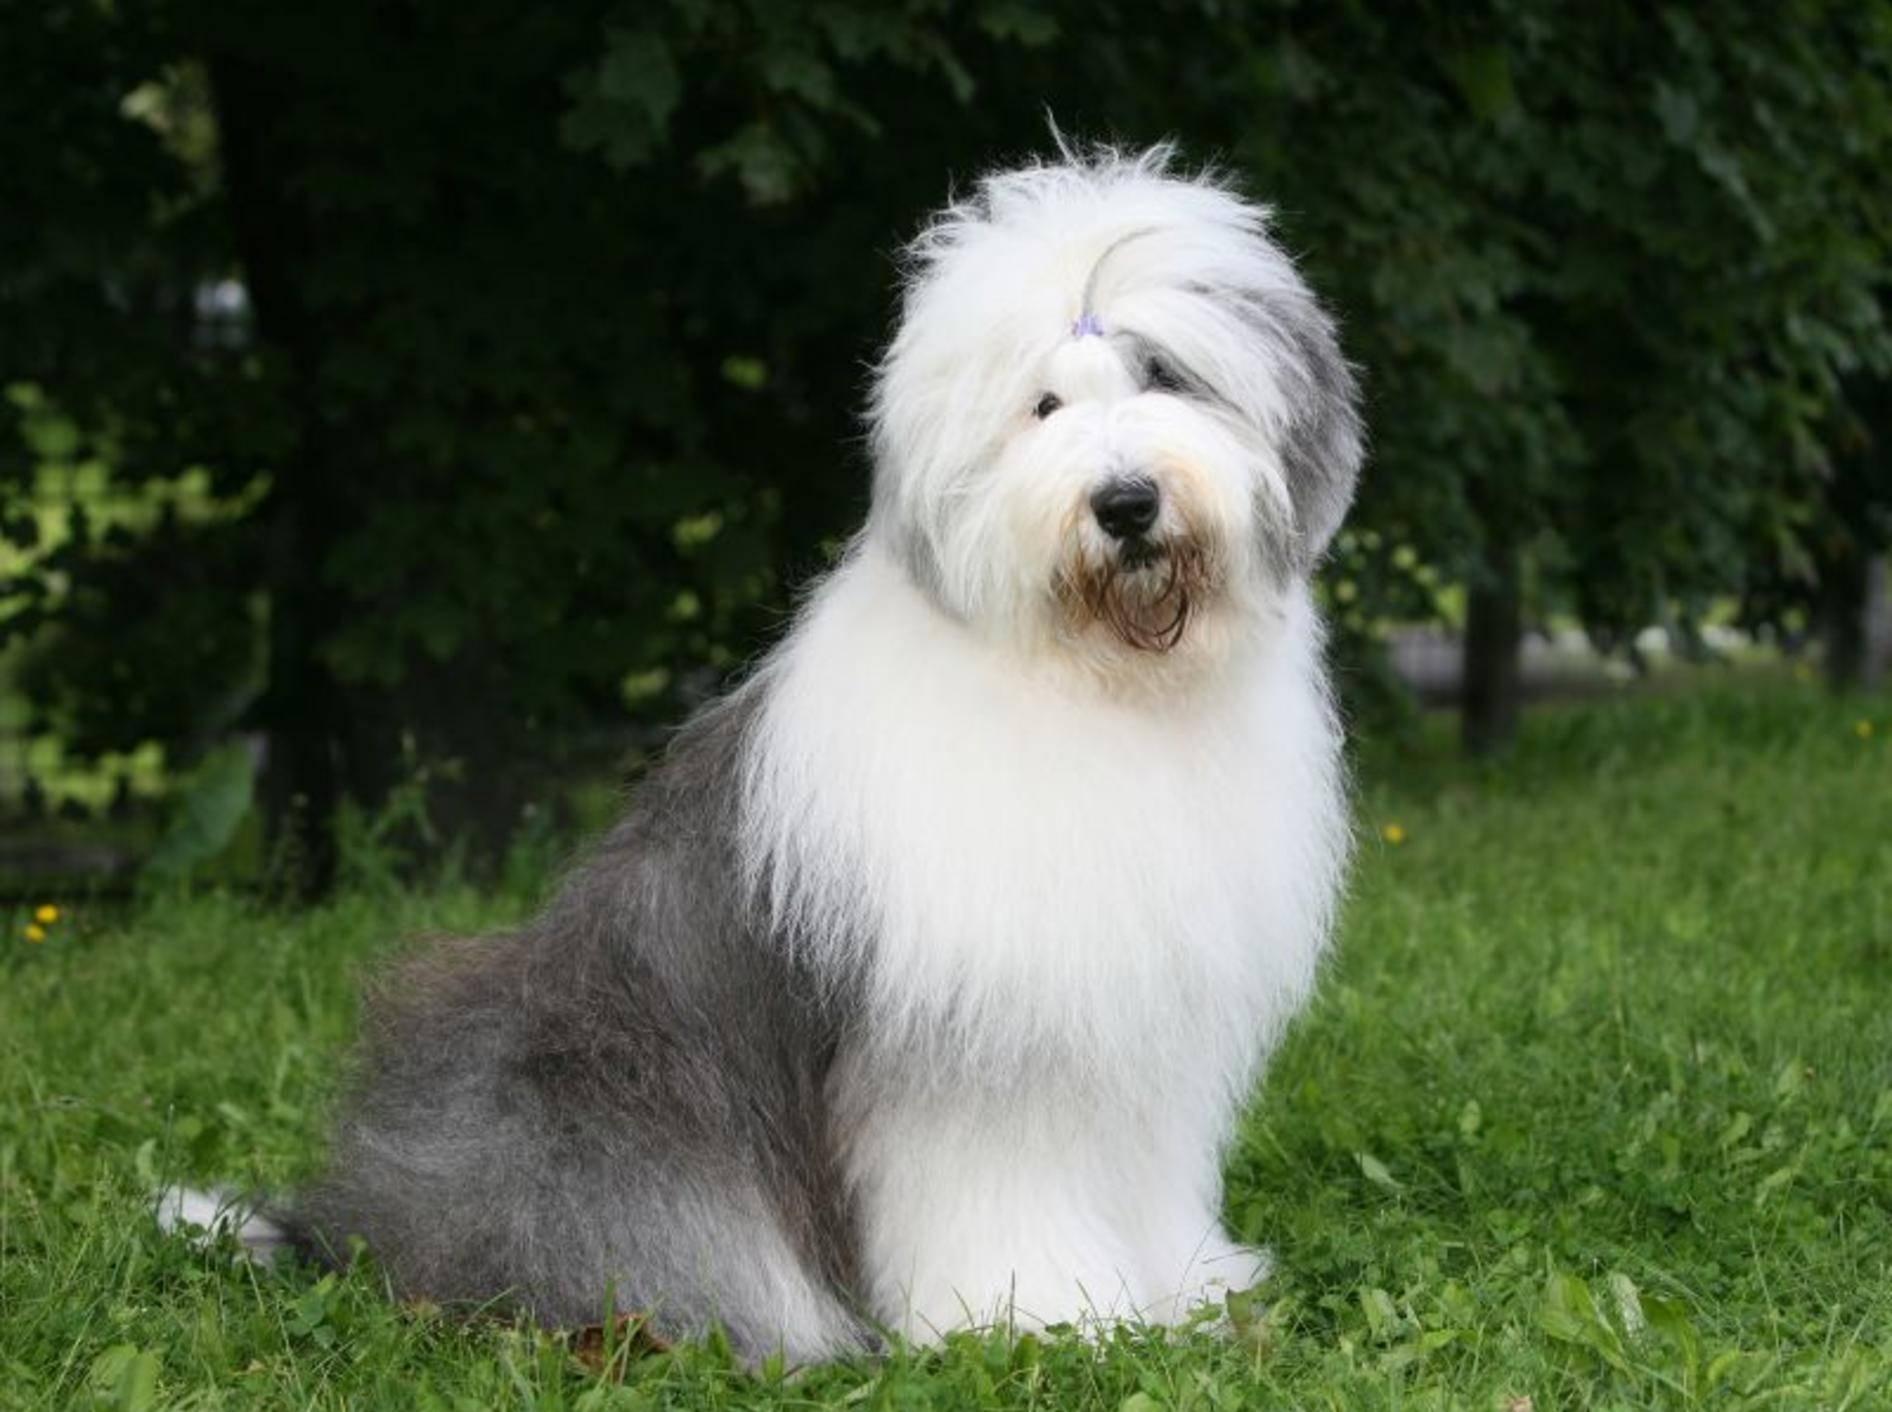 Der Bobtail ist ein gutmütiger und anhänglicher Hund – Bild: Shutterstock / Svetlana Valoueva